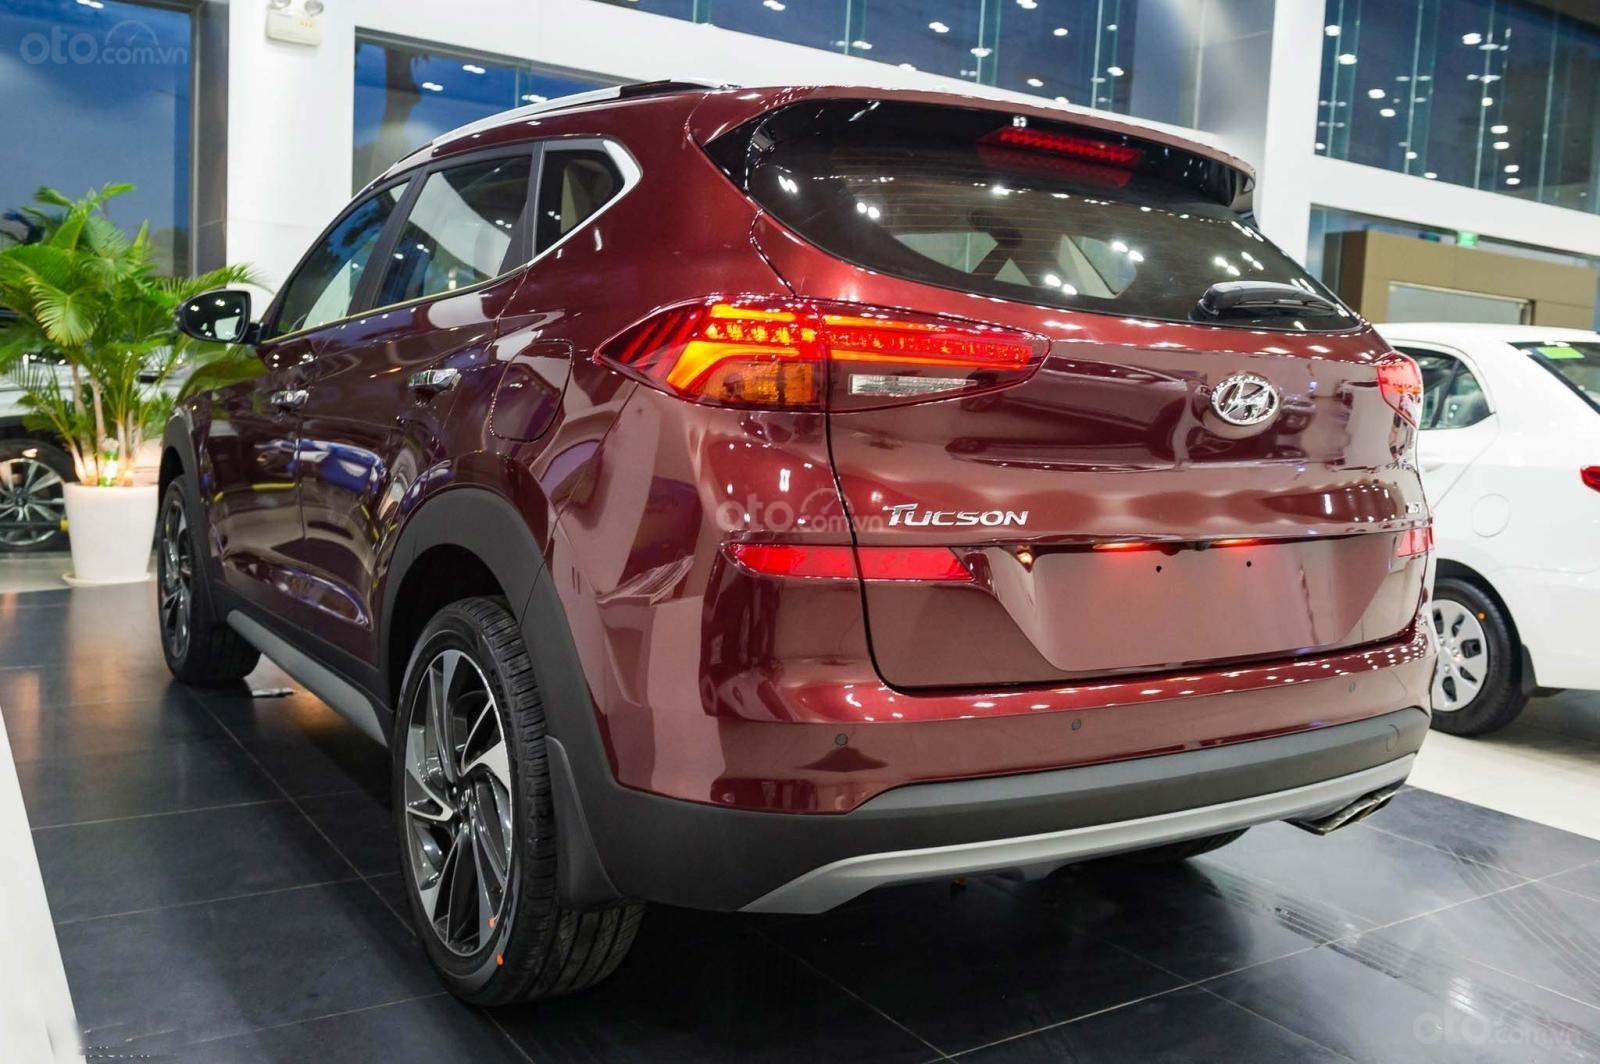 Hyundai Tucson Facelip 2019, chương trình khuyến mãi lên đến 15 triệu. LH ngay 09.387.383.06-4